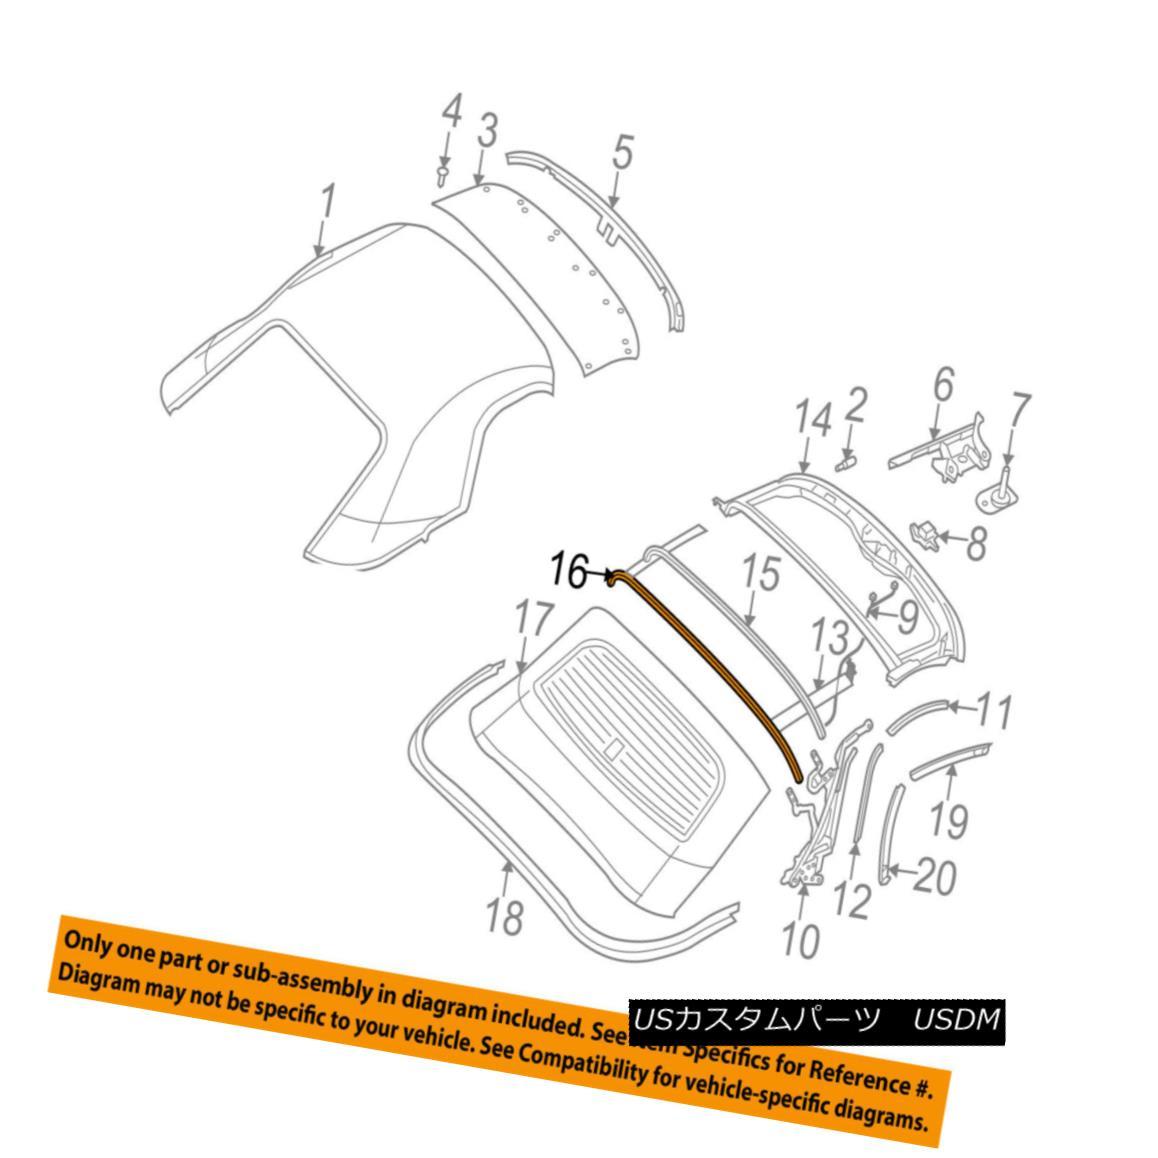 幌・ソフトトップ Dodge CHRYSLER OEM 03-06 Viper Convertible/soft Top-Bow 5029131AB Dodge CHRYSLER OEM 03-06バイパー・コンバーチブル/ so ft Top-Bow 5029131AB